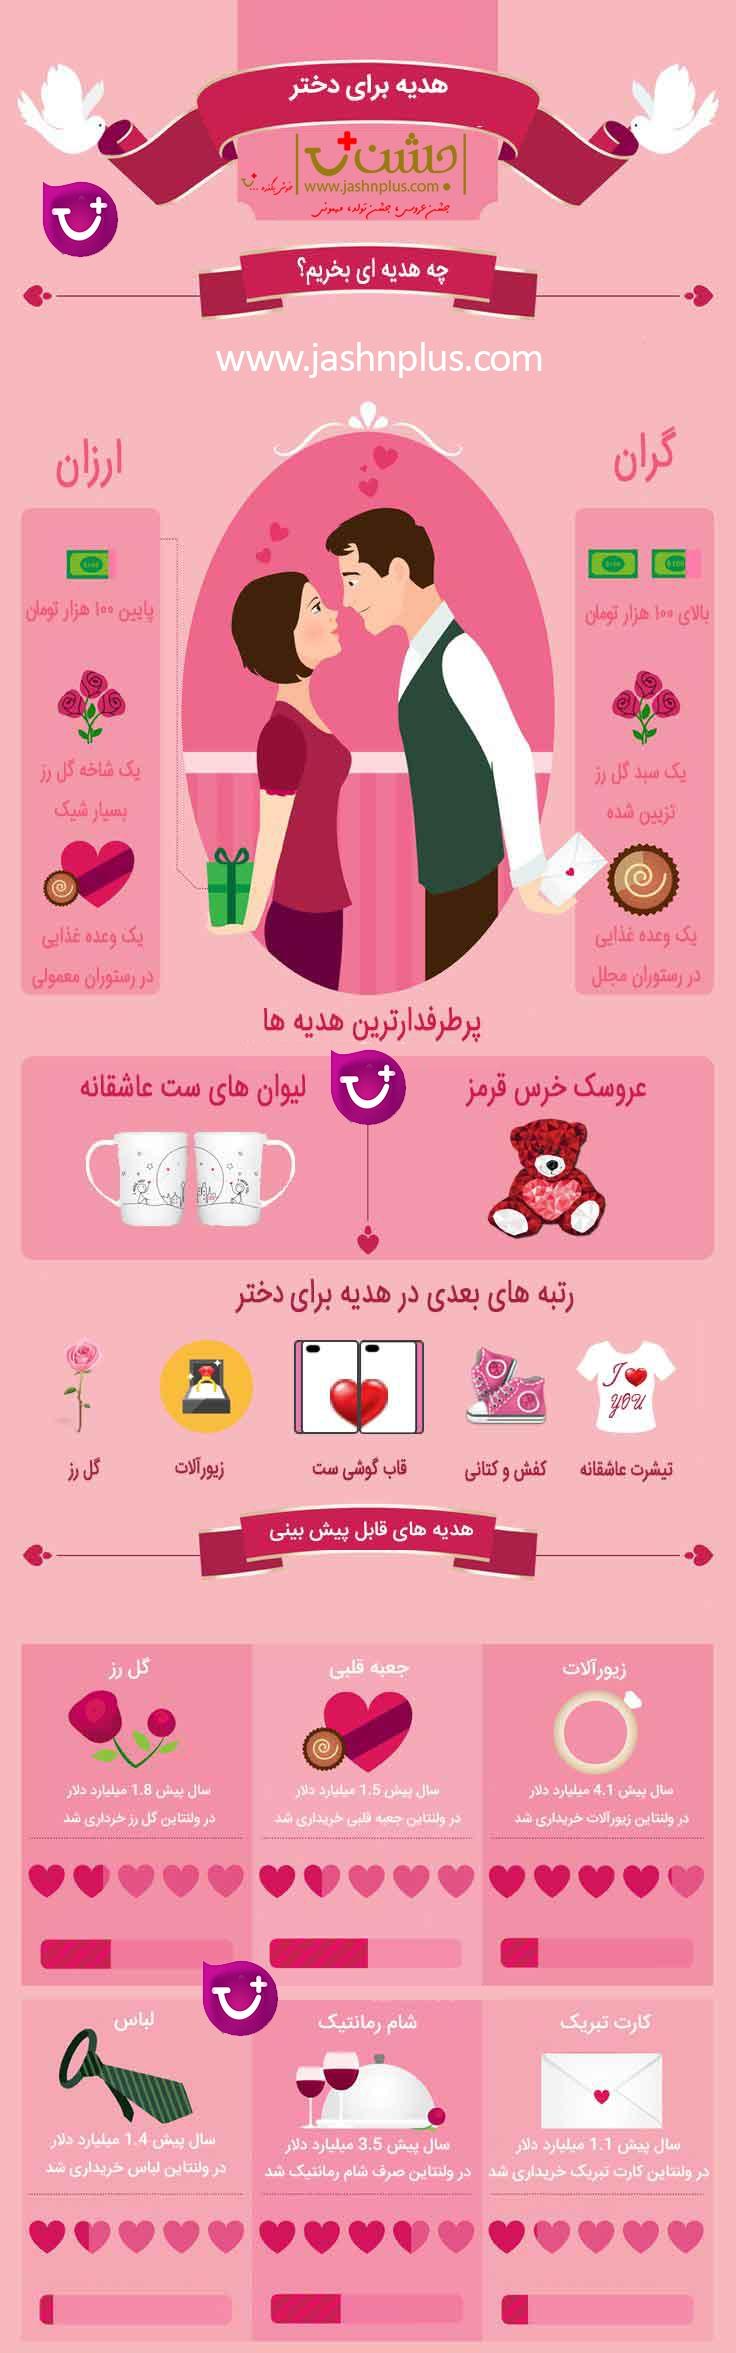 هدیه جذاب برای خانم ها کدام است؟ - بهترین هدیه جذاب برای خانم ها کدام است؟